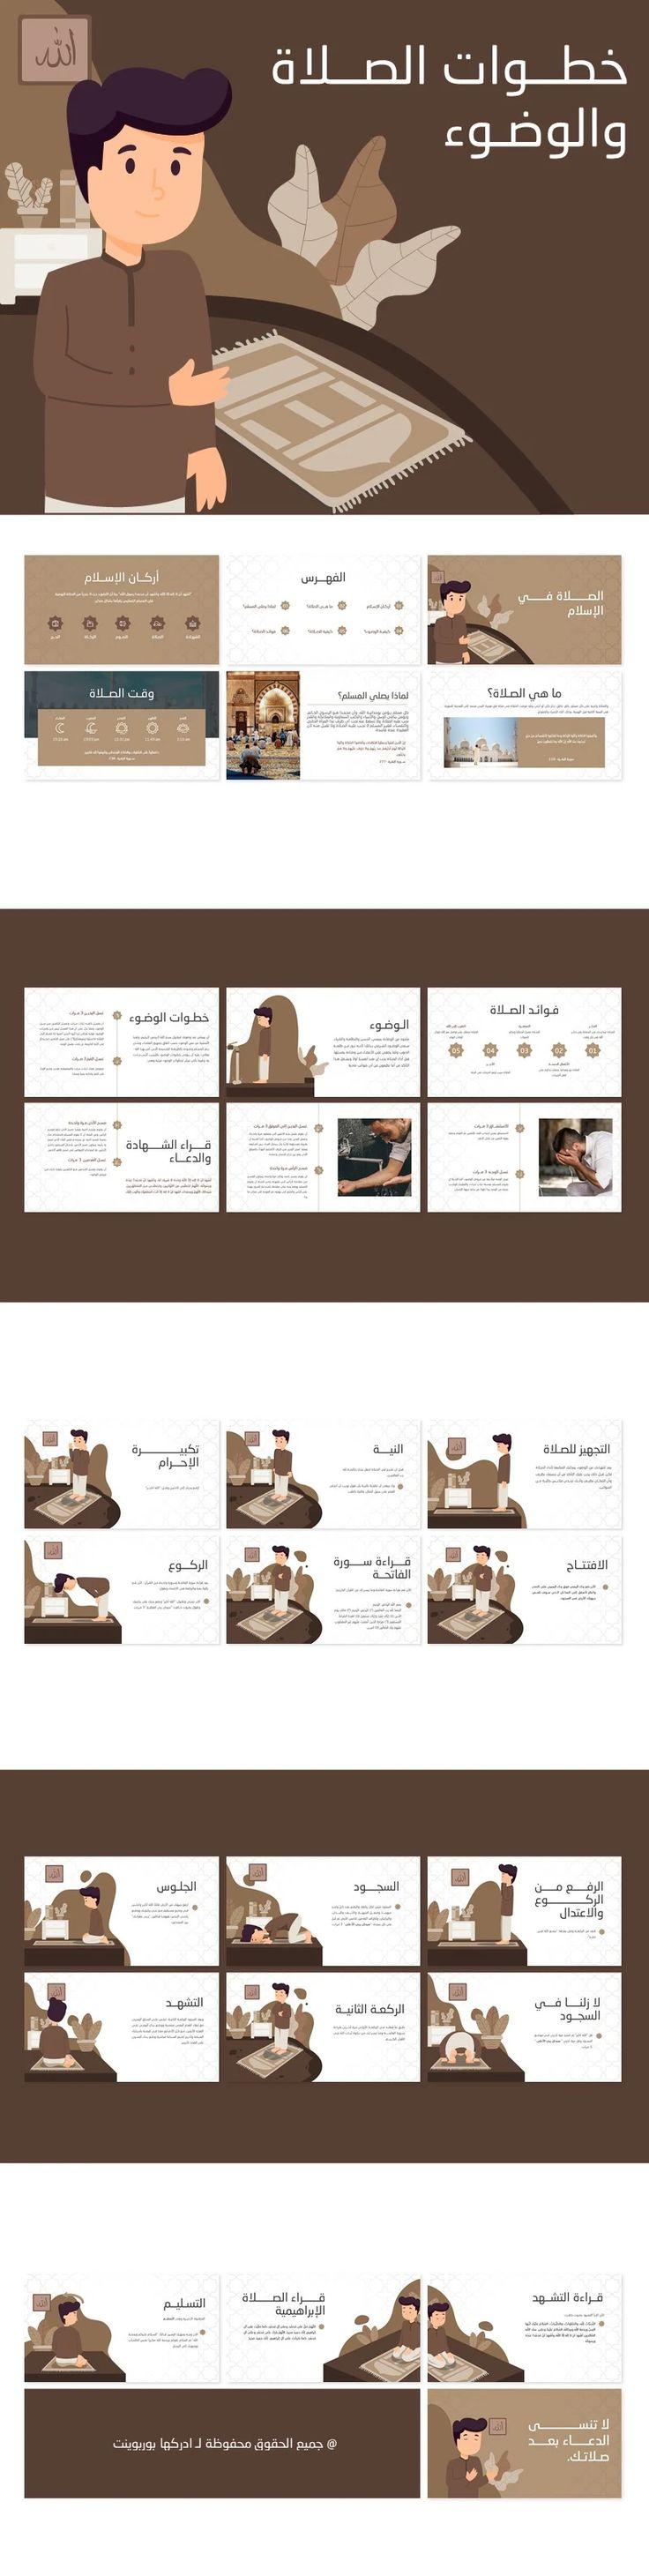 بوربوينت جاهز عن خطوات الوضوء وكيفية أداء الصلاة ادركها بوربوينت Birthday Background Design Presentation Template Free Powerpoint Format